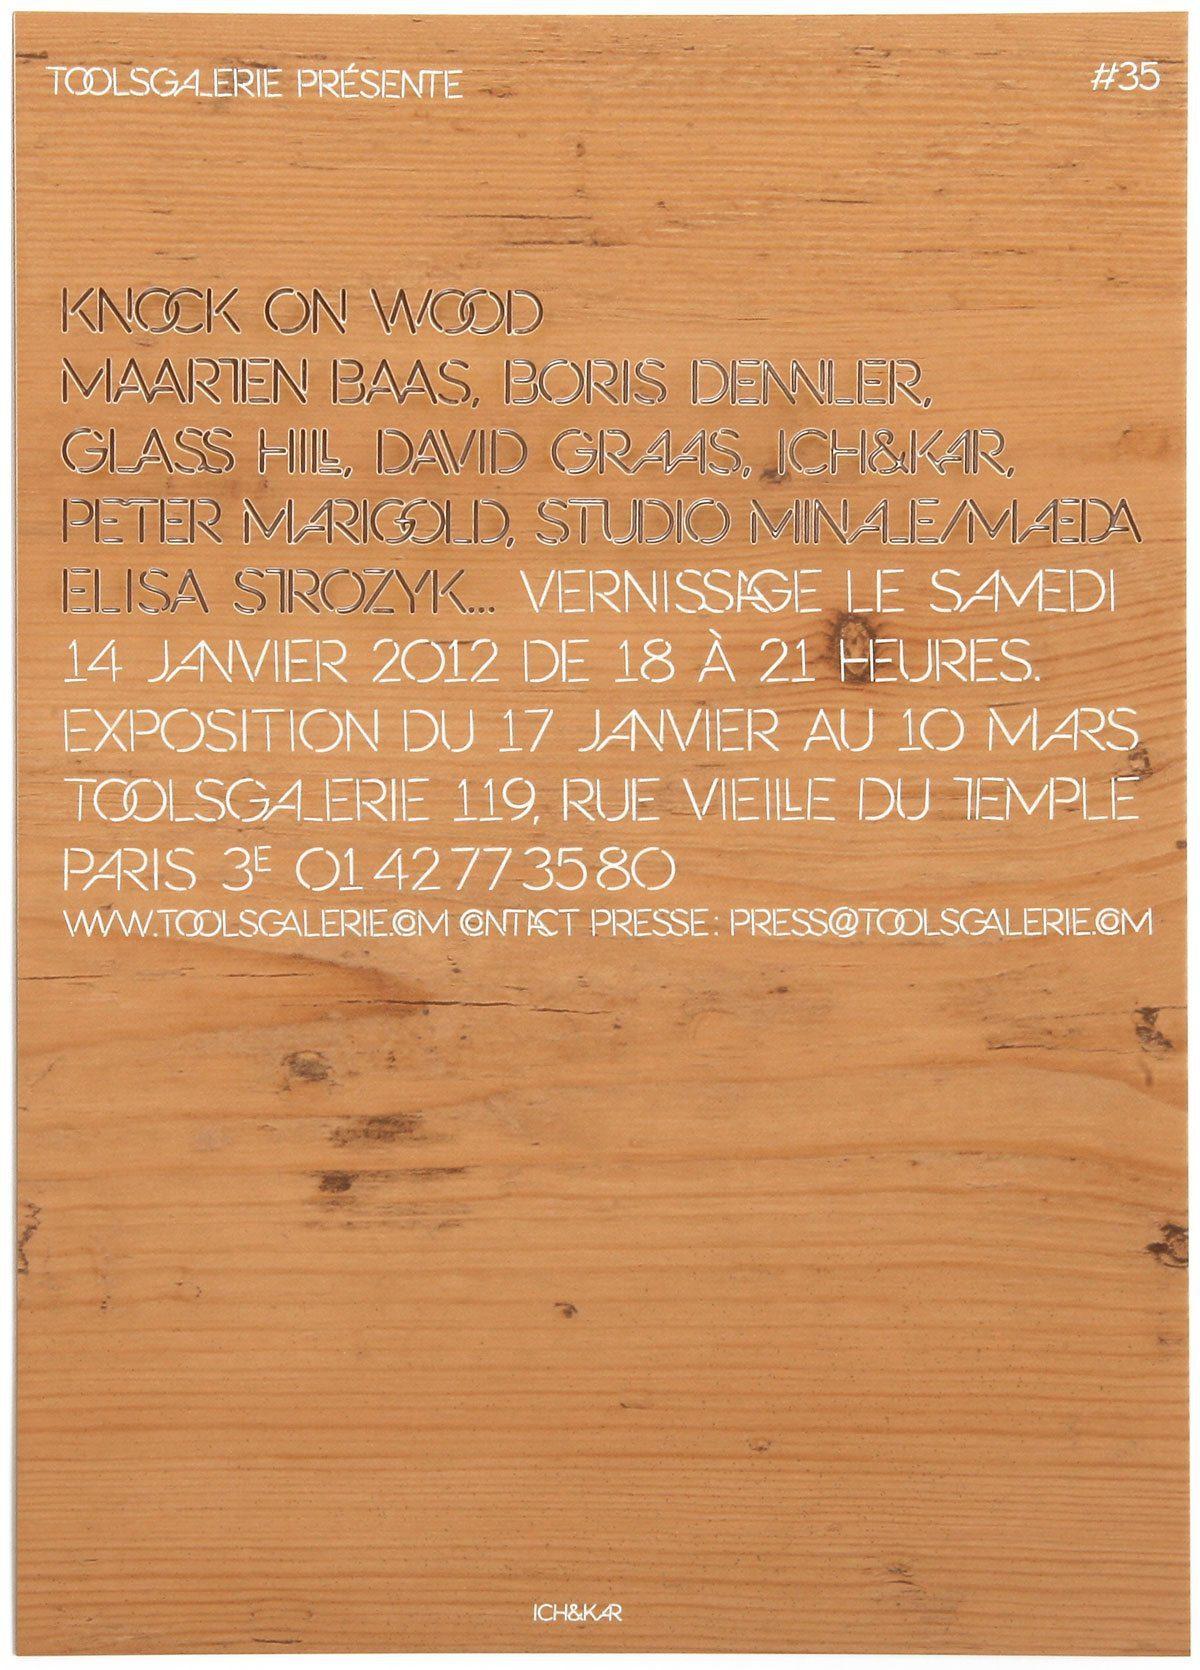 Carton d'invitation en bois, création Ich&Kar pour l'exposition Knock on wood à la Tools Galerie, Paris.